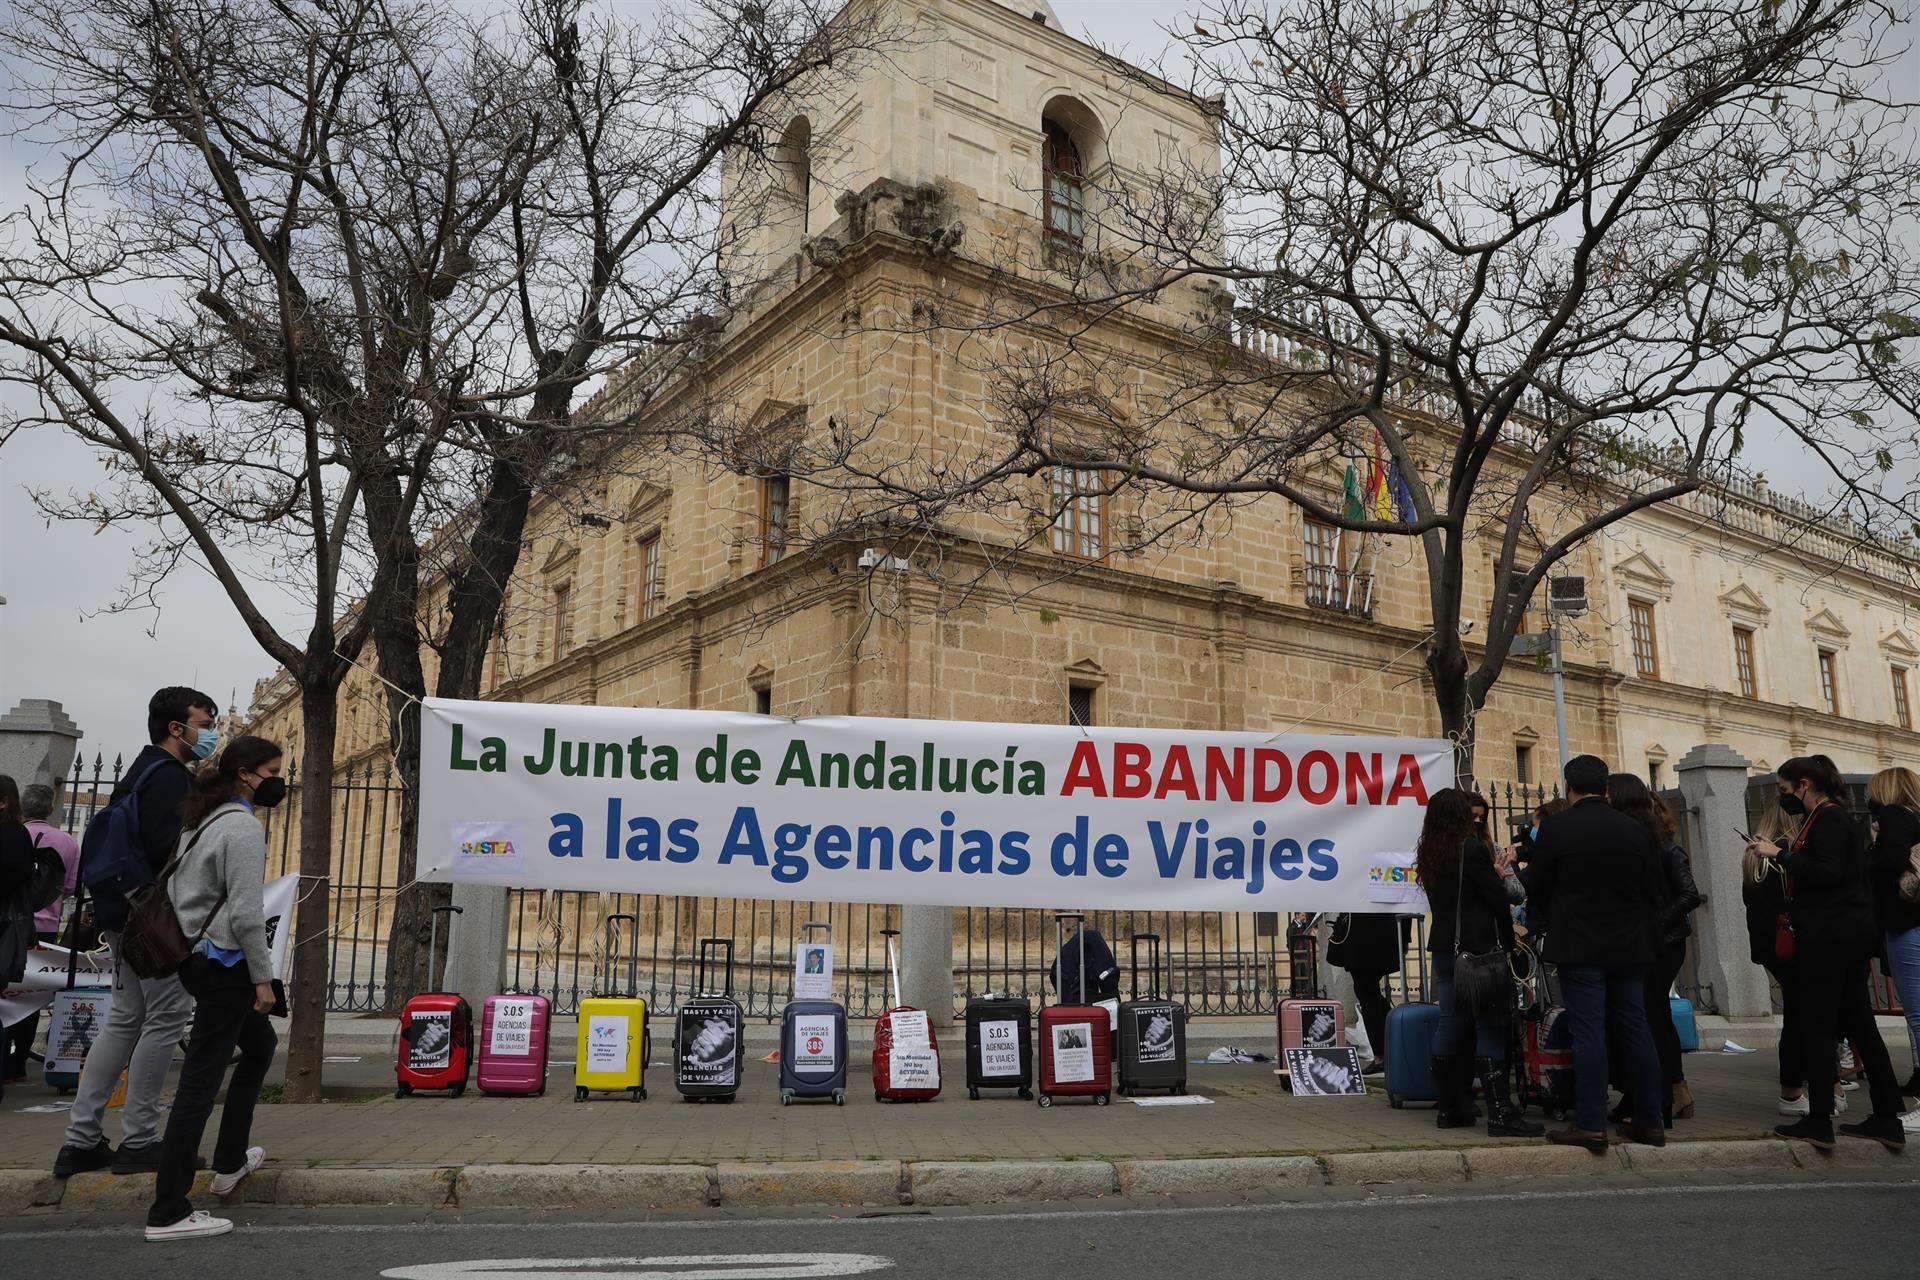 Agencias de viajes piden «respeto» a la Junta: «Llevan un año prometiendo ayudas que nunca llegan»